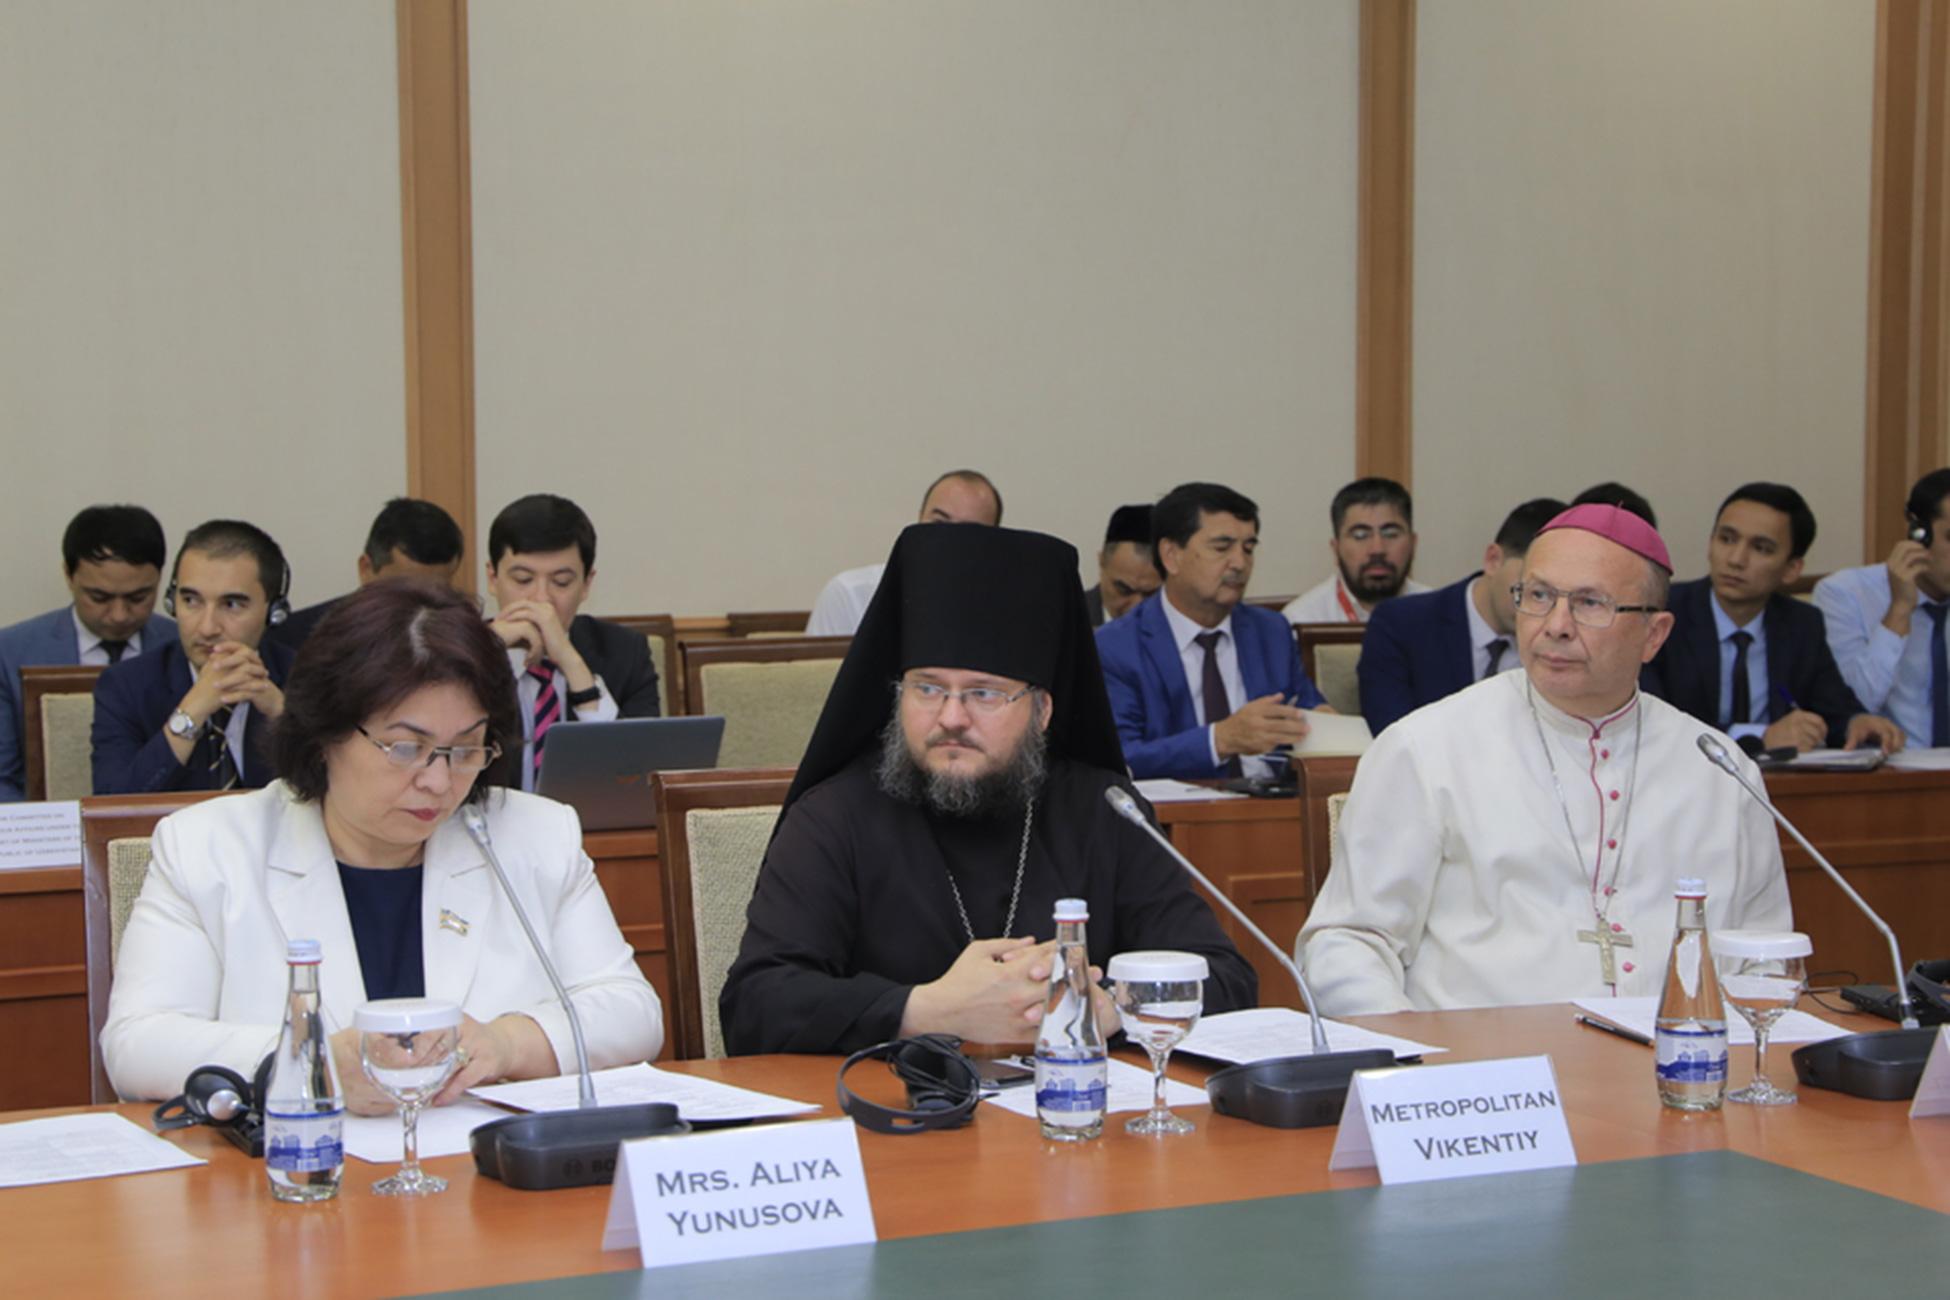 Узбекистан добился прогресса в обеспечении религиозных свобод